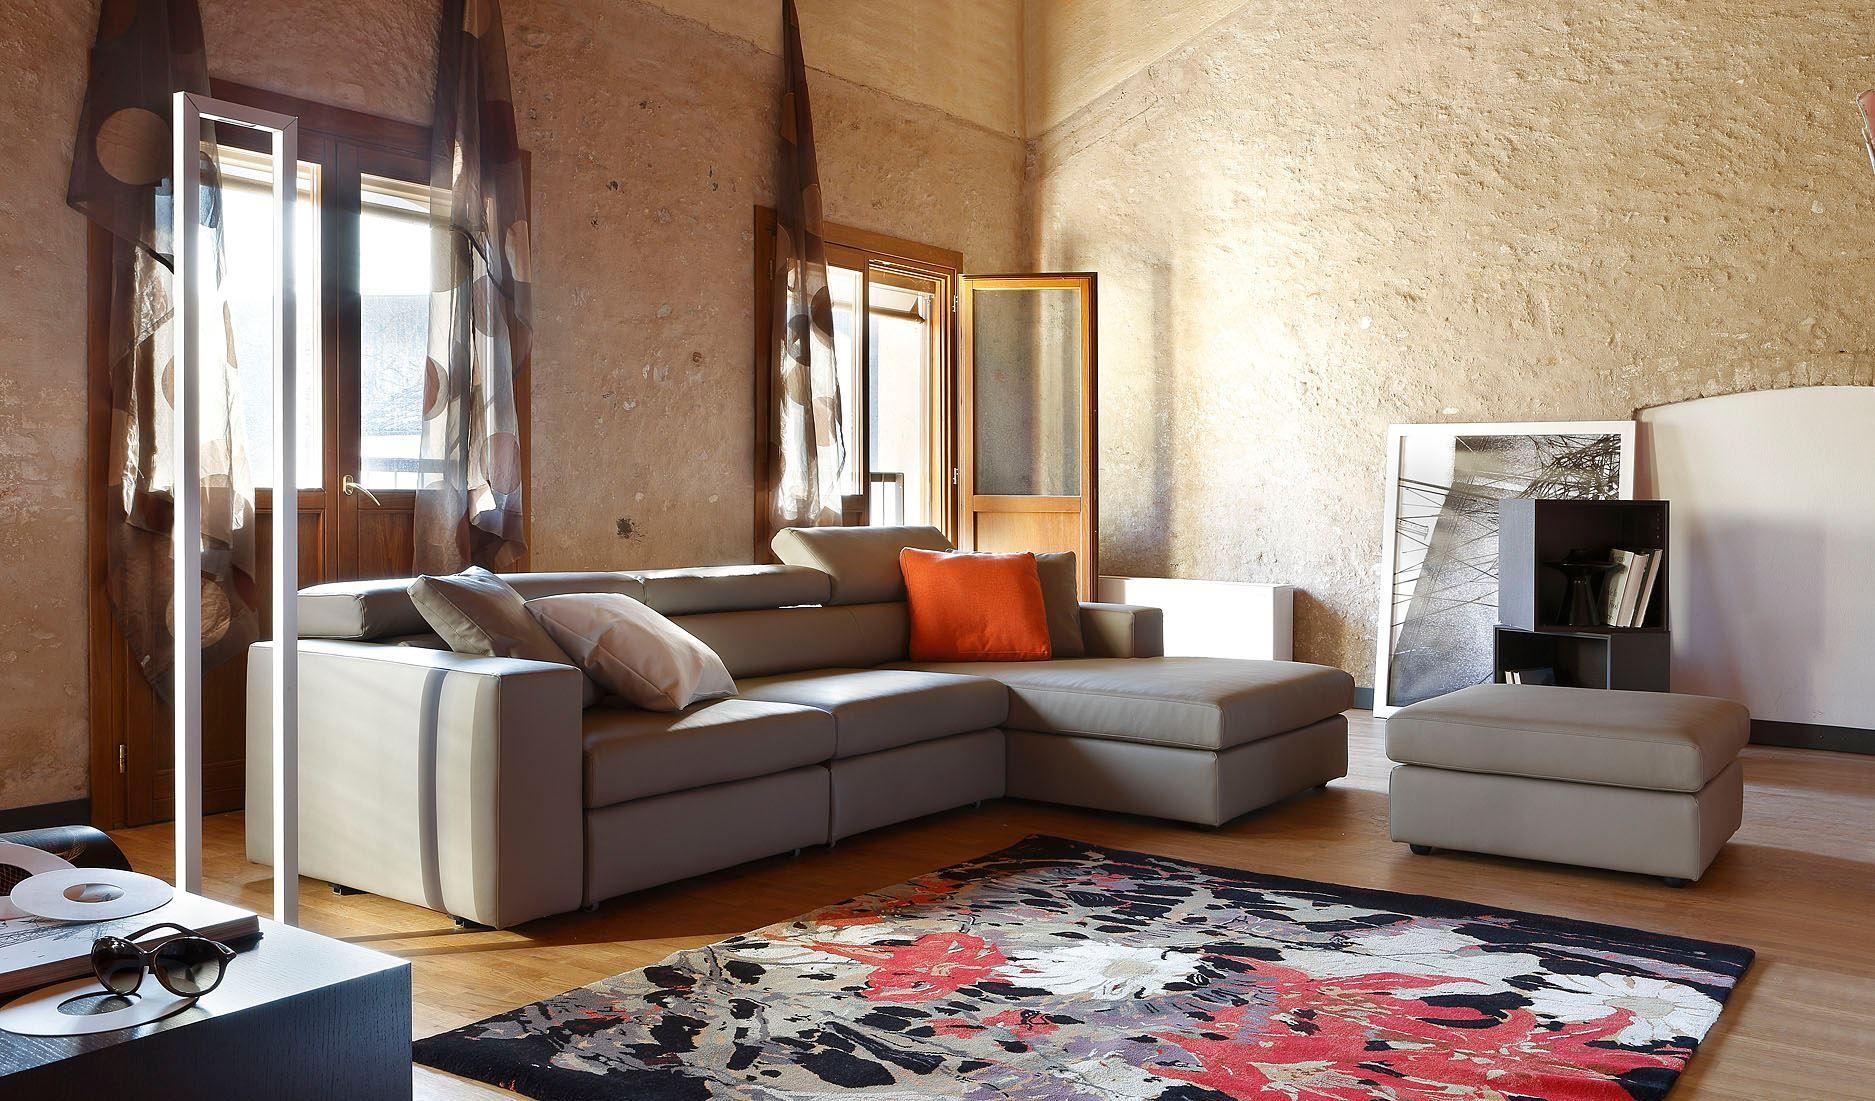 Divano 3 posti moderno con poggiatesta reclinabile in vera pelle tinta rossa ArredissimA Salotti e Divani Pinterest